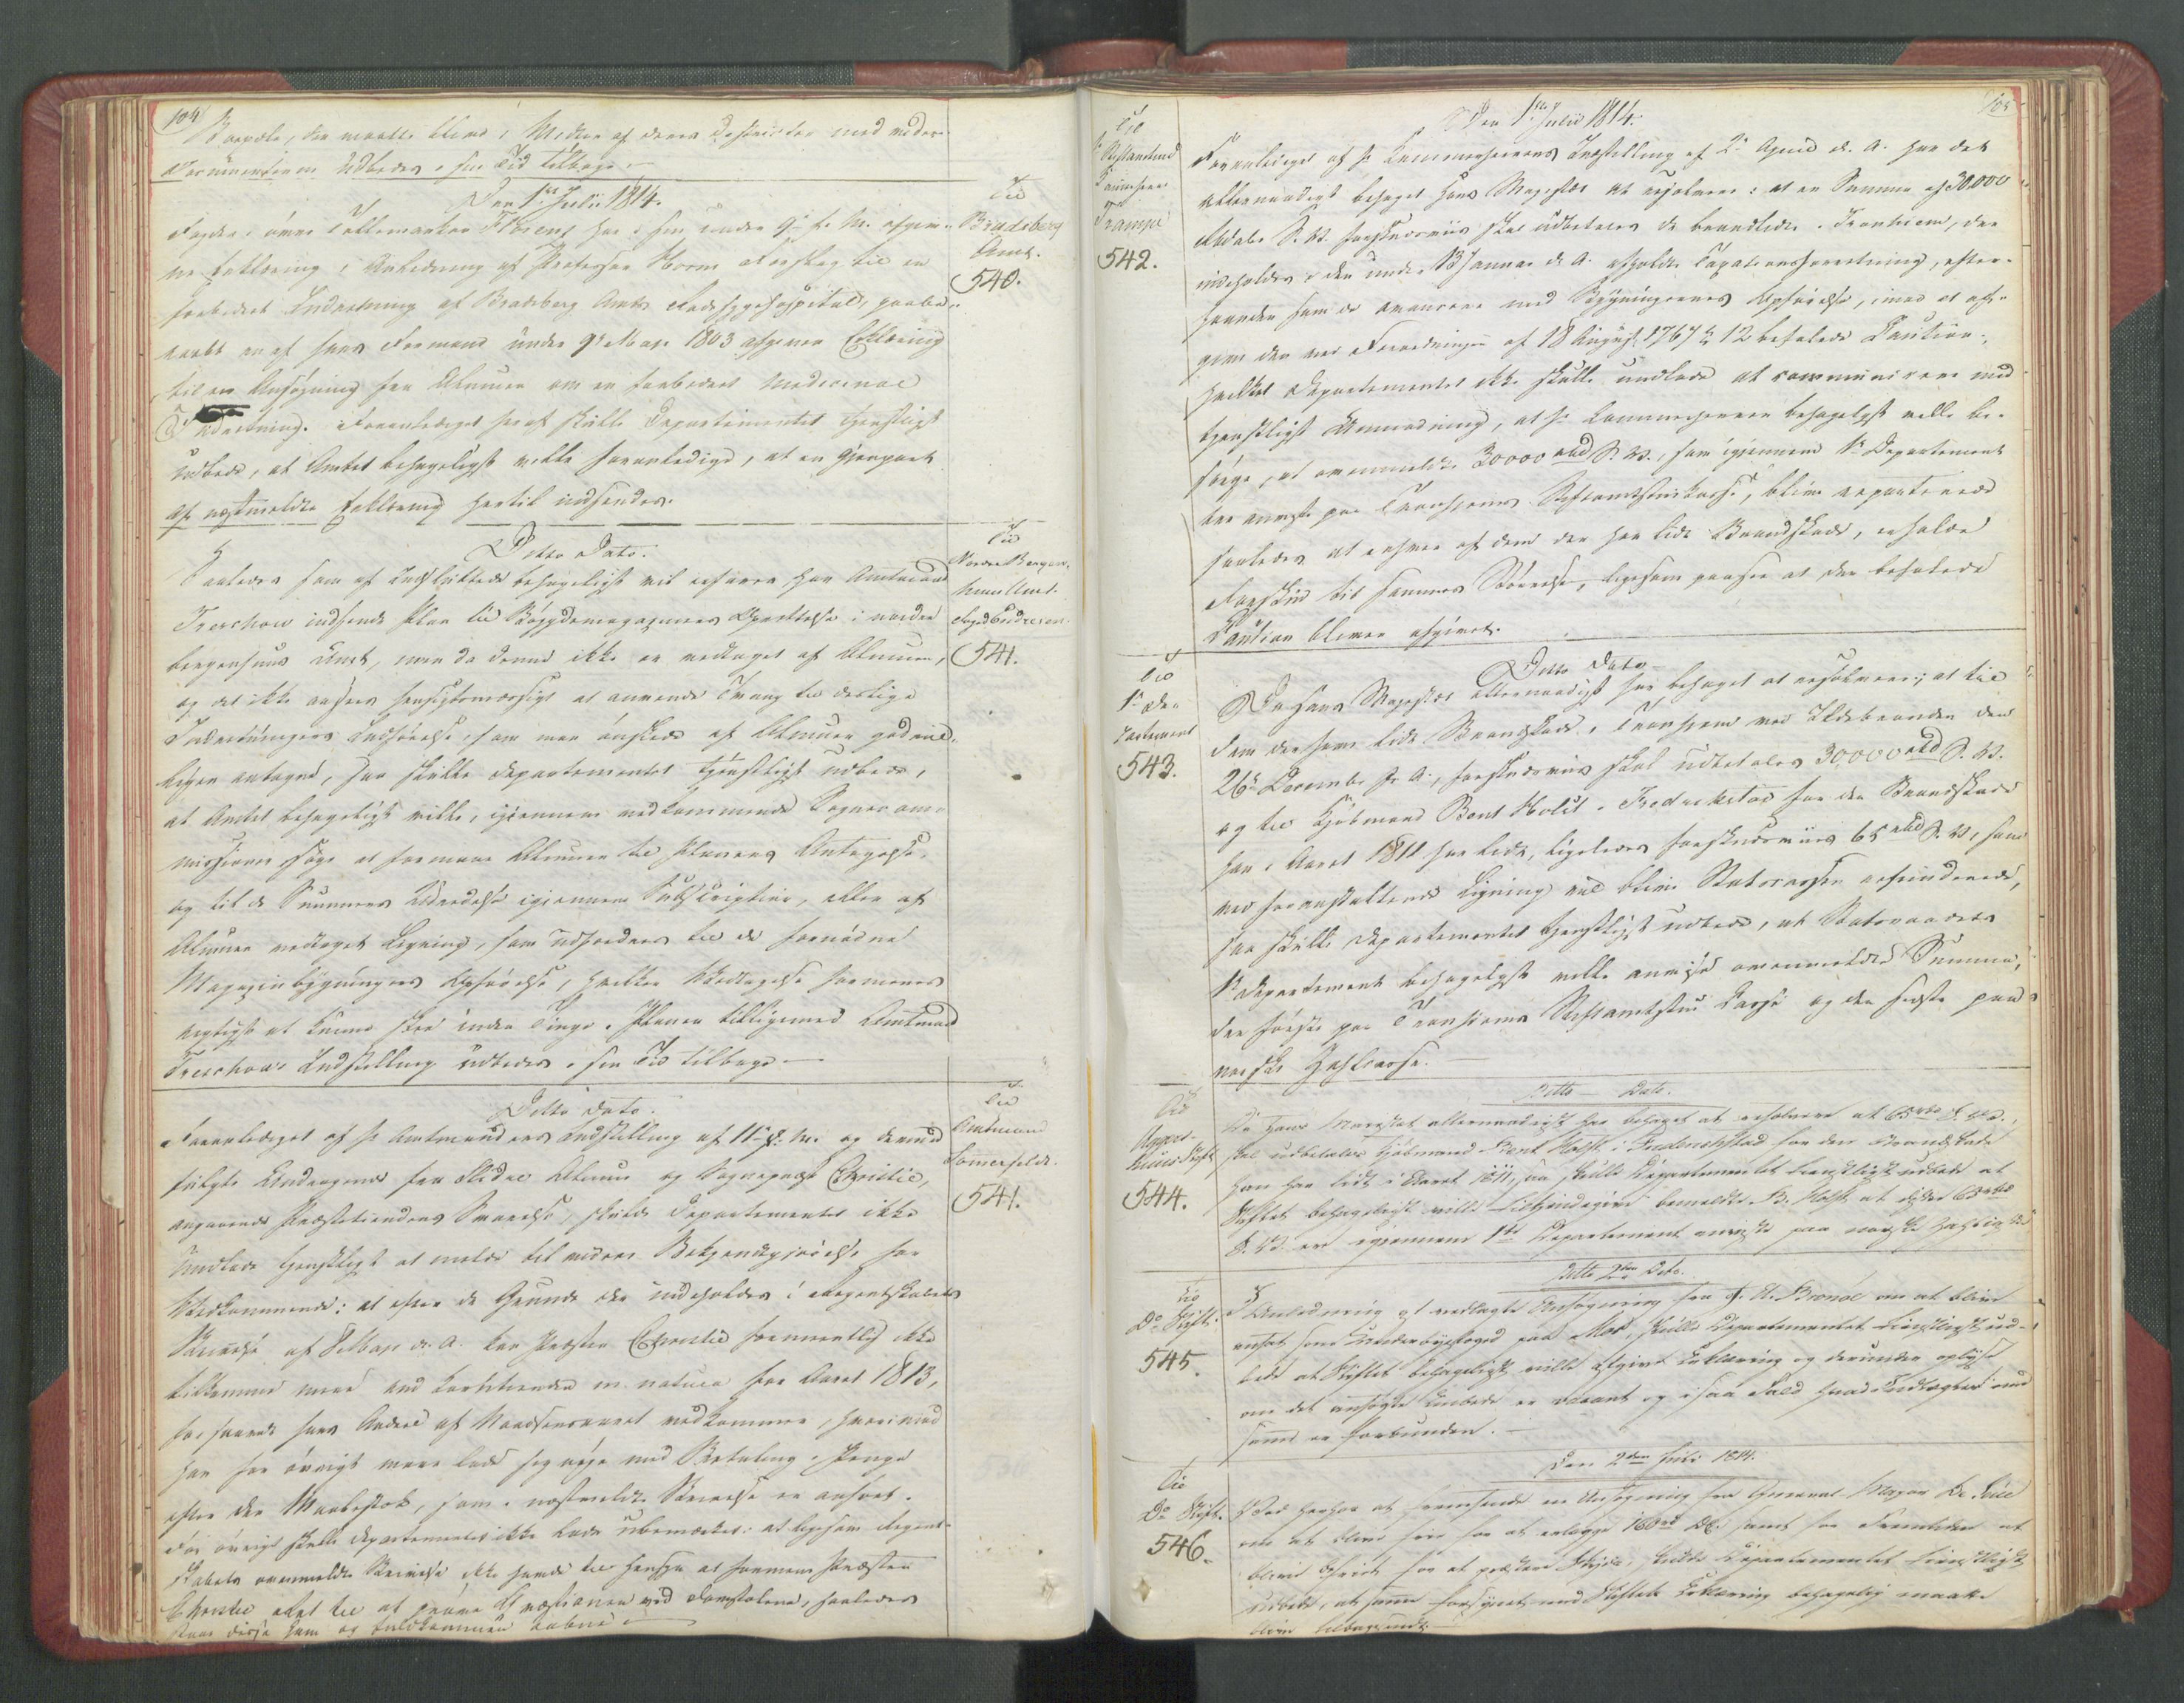 RA, Departementene i 1814, Fb/L0028: Kopibok 1-1371, 1814, s. 104-105